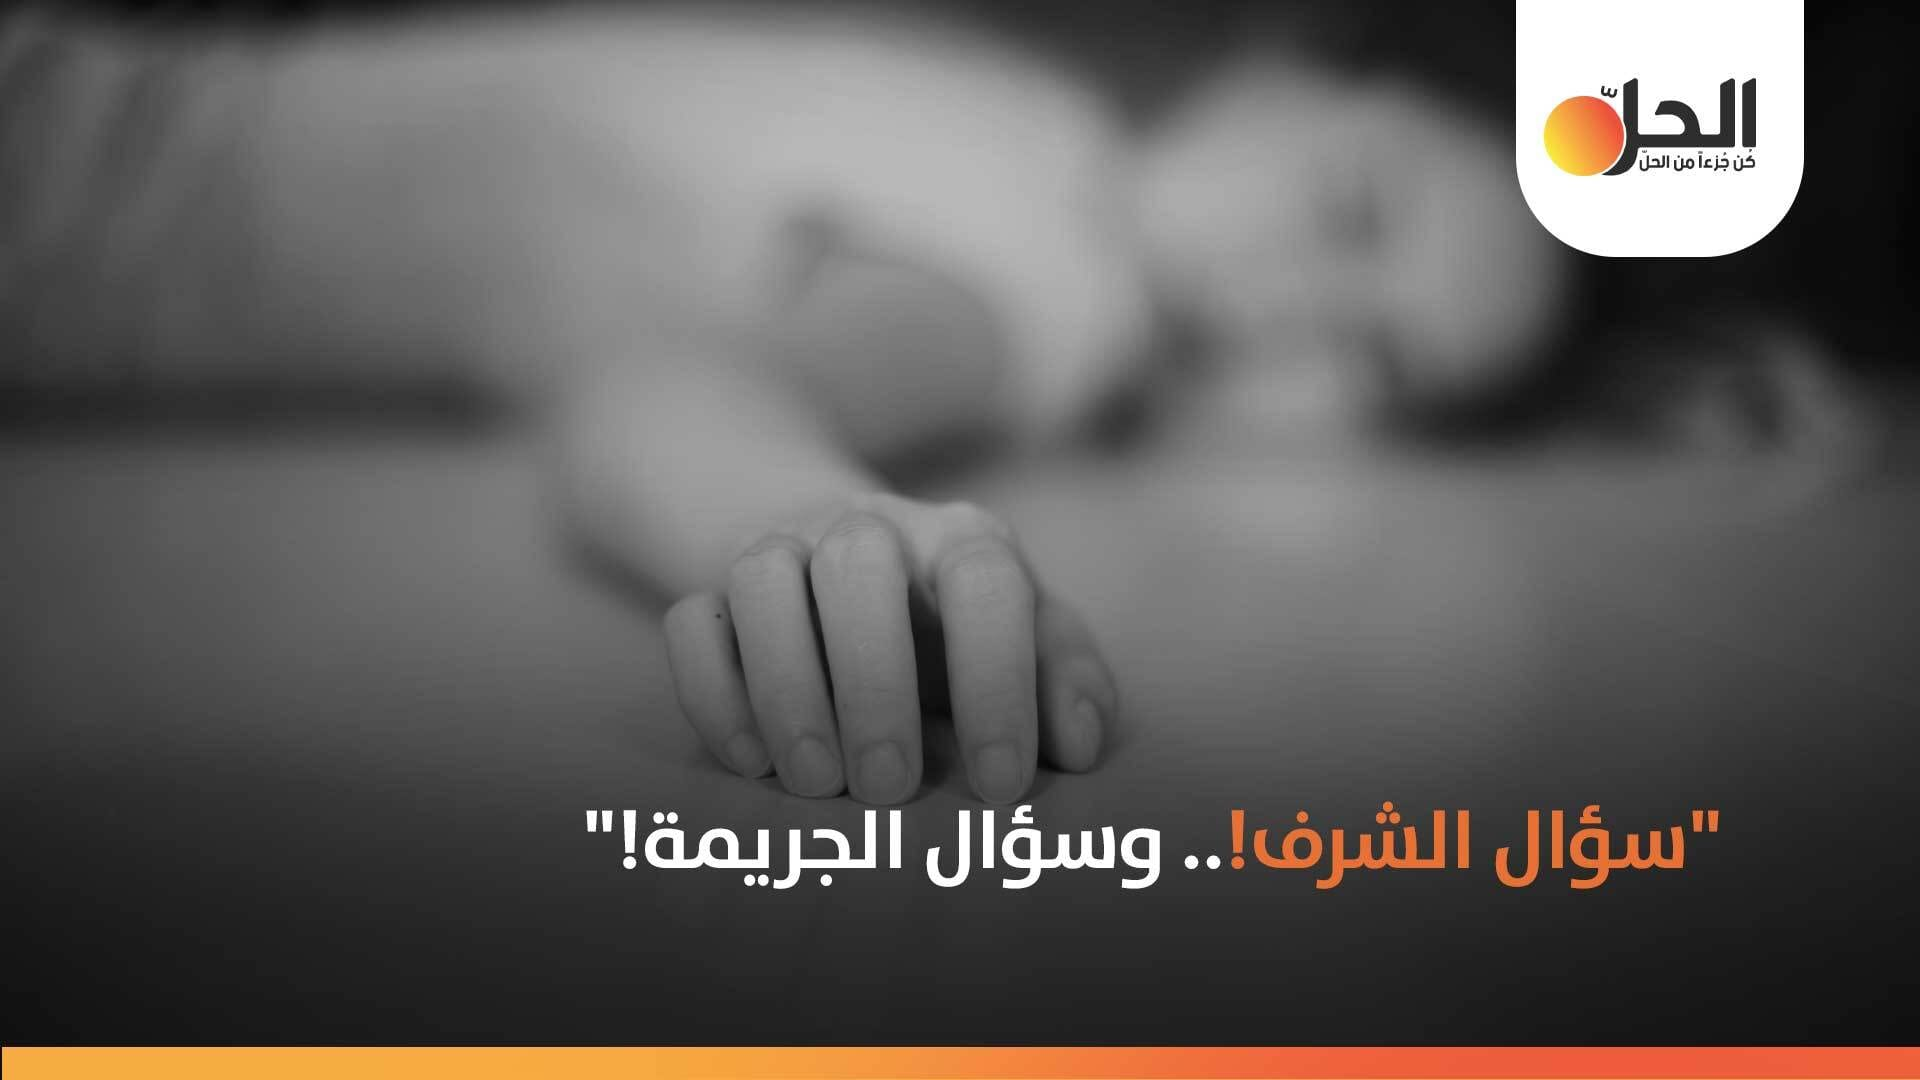 """مقتل لاجئة سورية في """"بلجيكا"""" يعيد السؤال حول جرائم الشرف"""